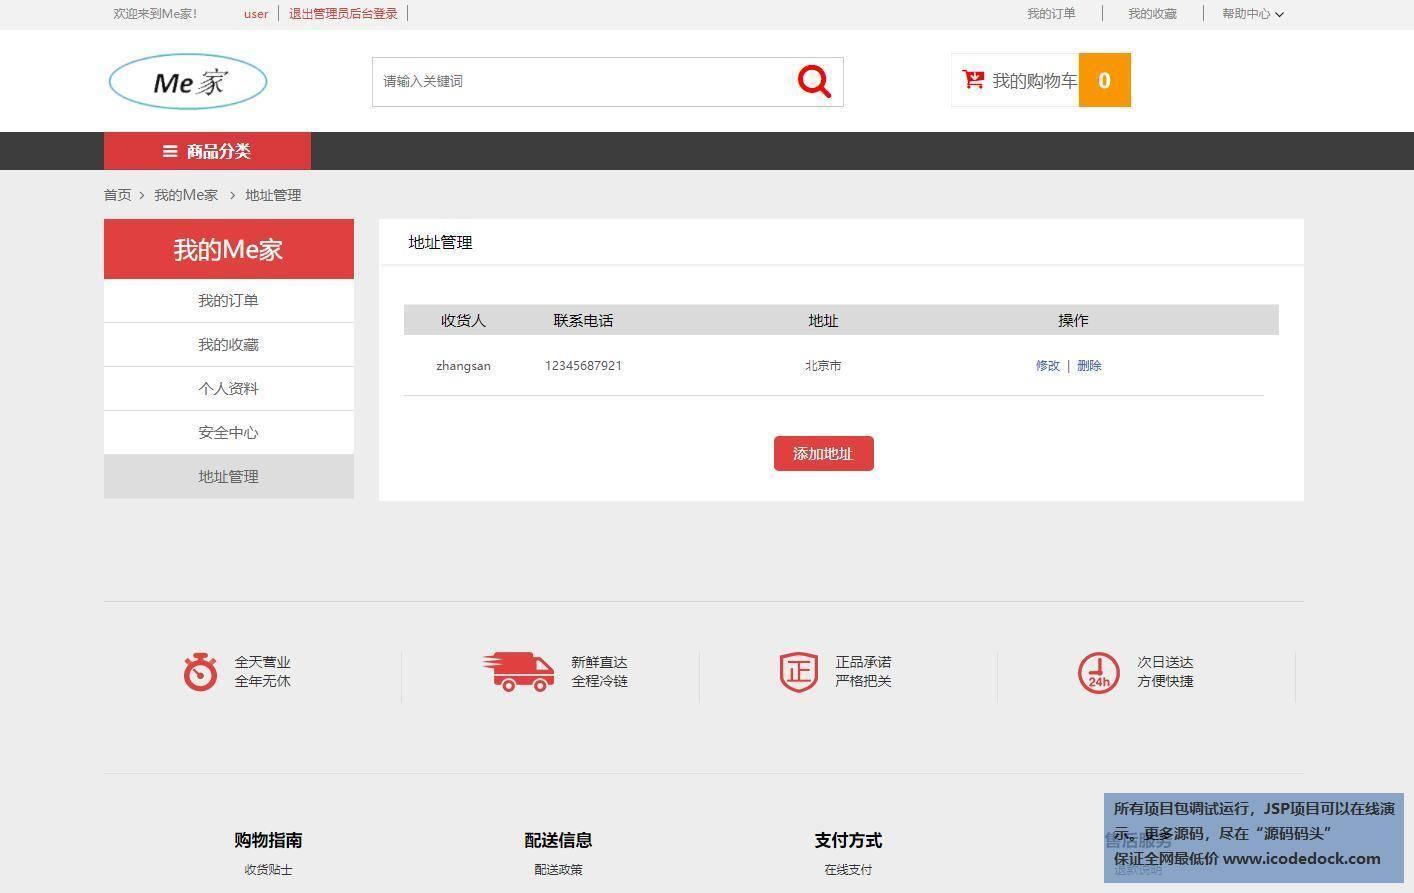 源码码头-SSH网上水果生鲜超市商城管理系统-用户角色-地址管理